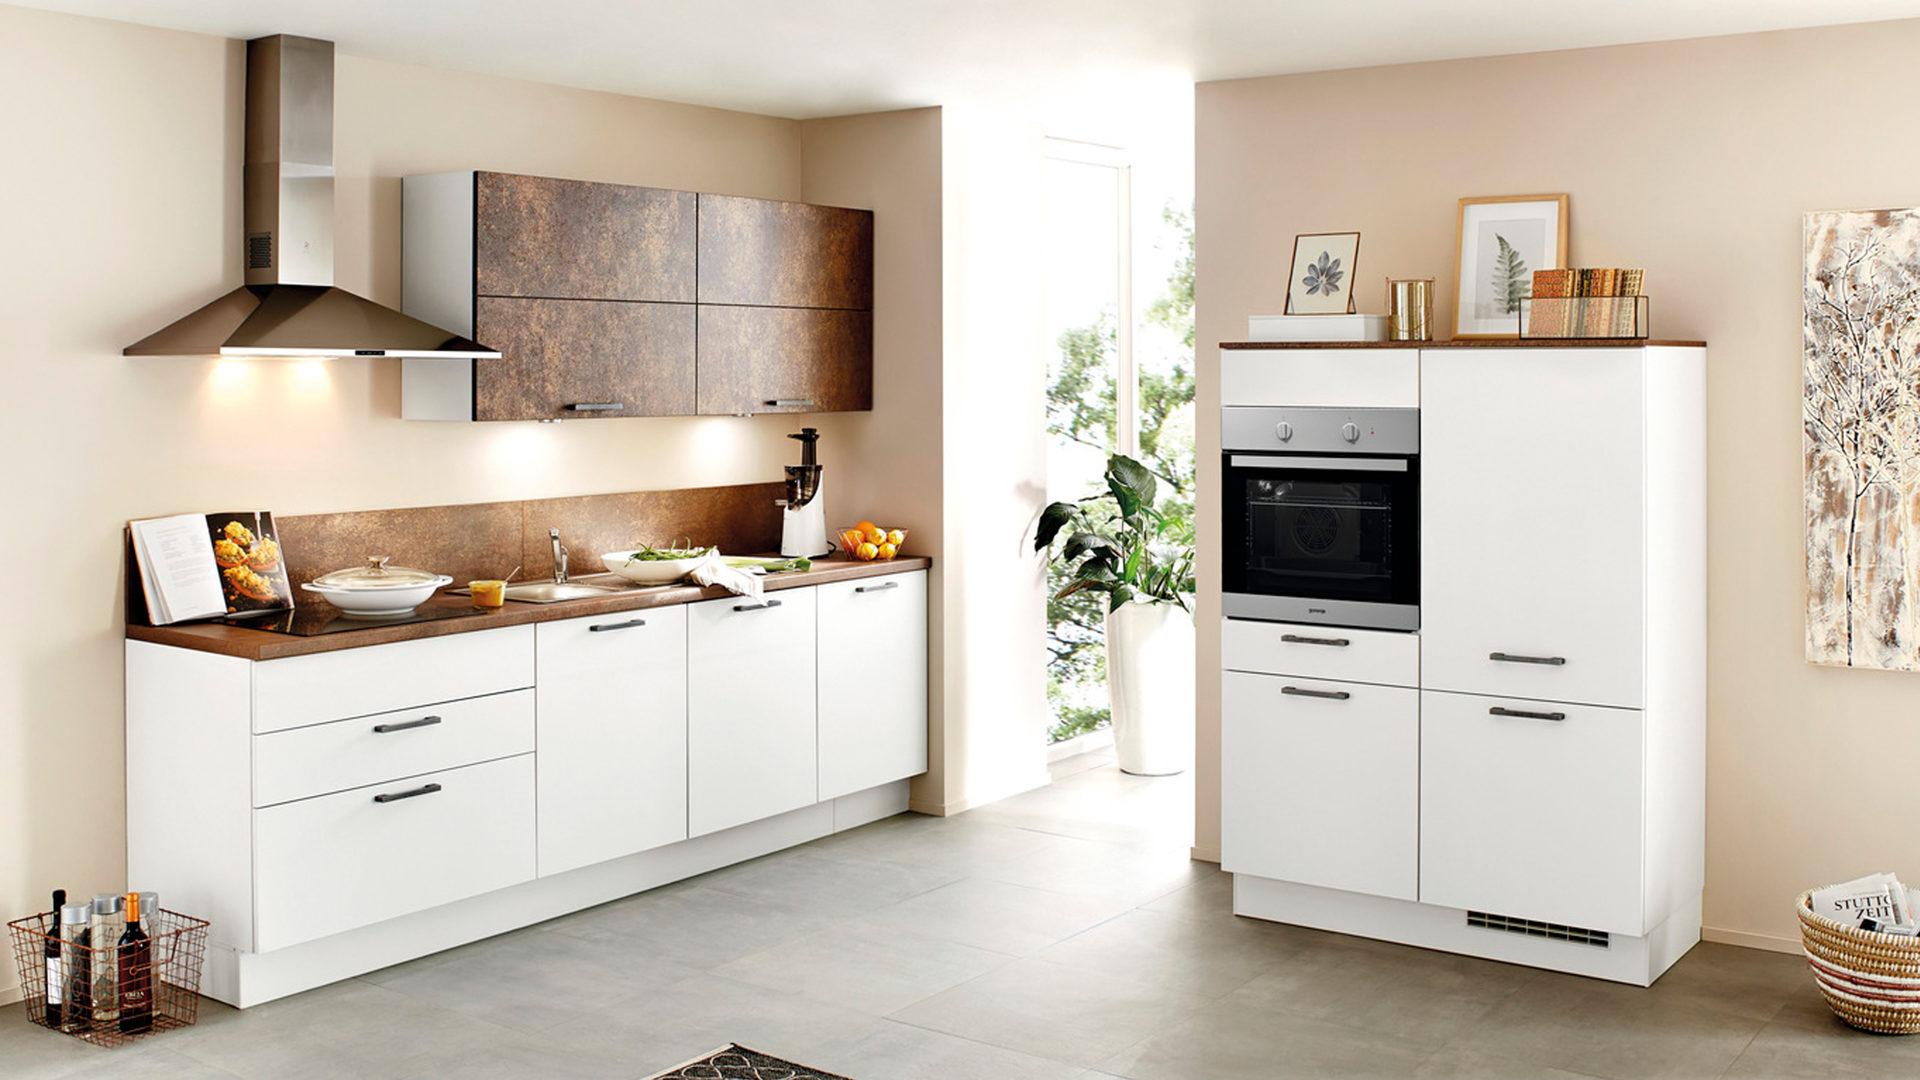 Gorenje Kühlschrank Ist Laut : Kühlschrank zu warm woran kann s liegen